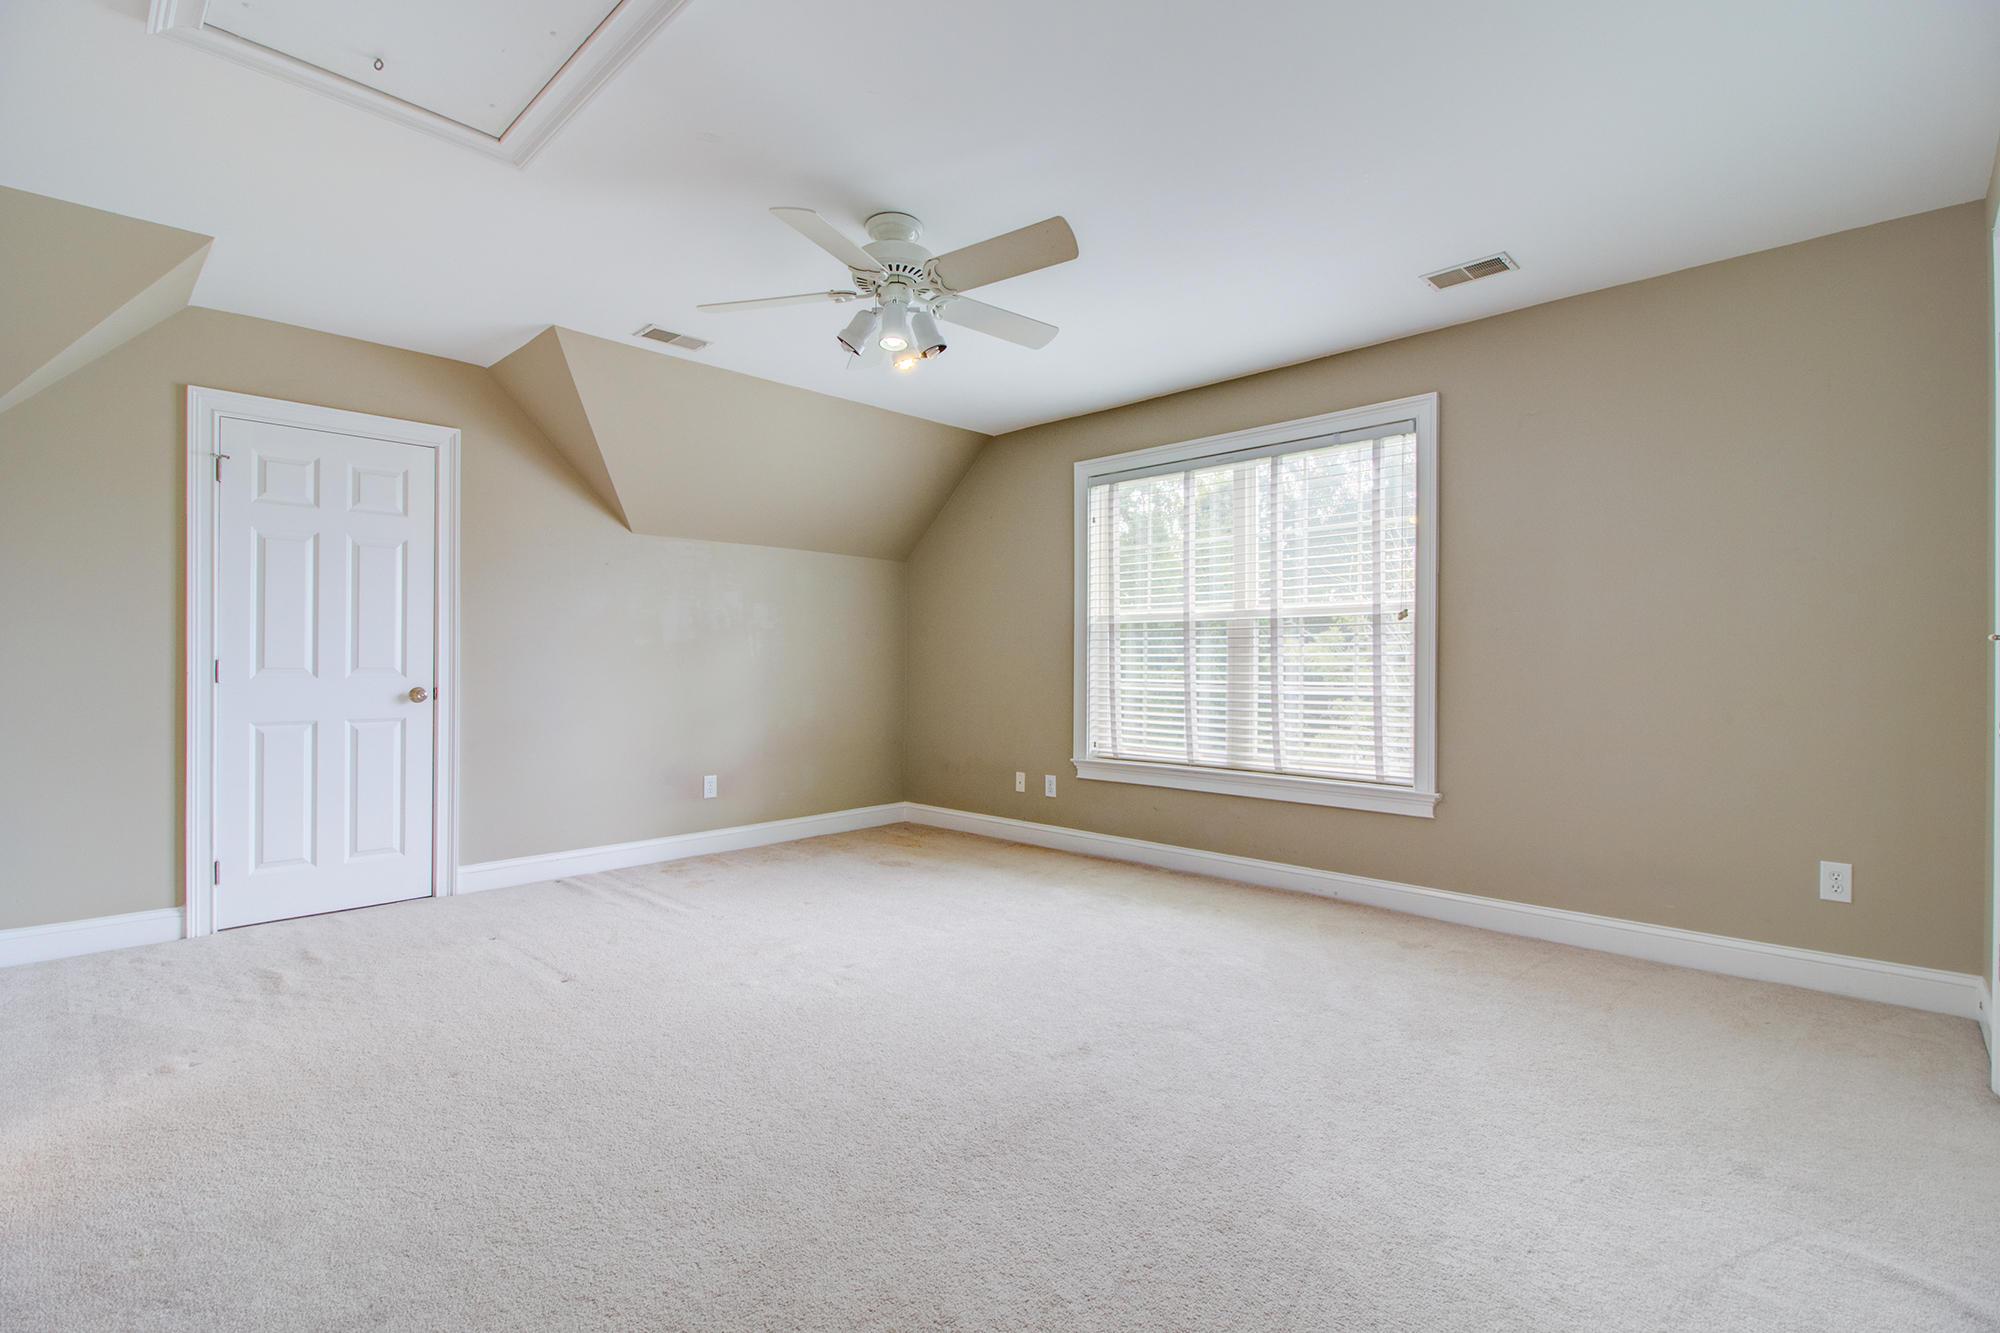 Dunes West Homes For Sale - 2817 Oak Manor, Mount Pleasant, SC - 38